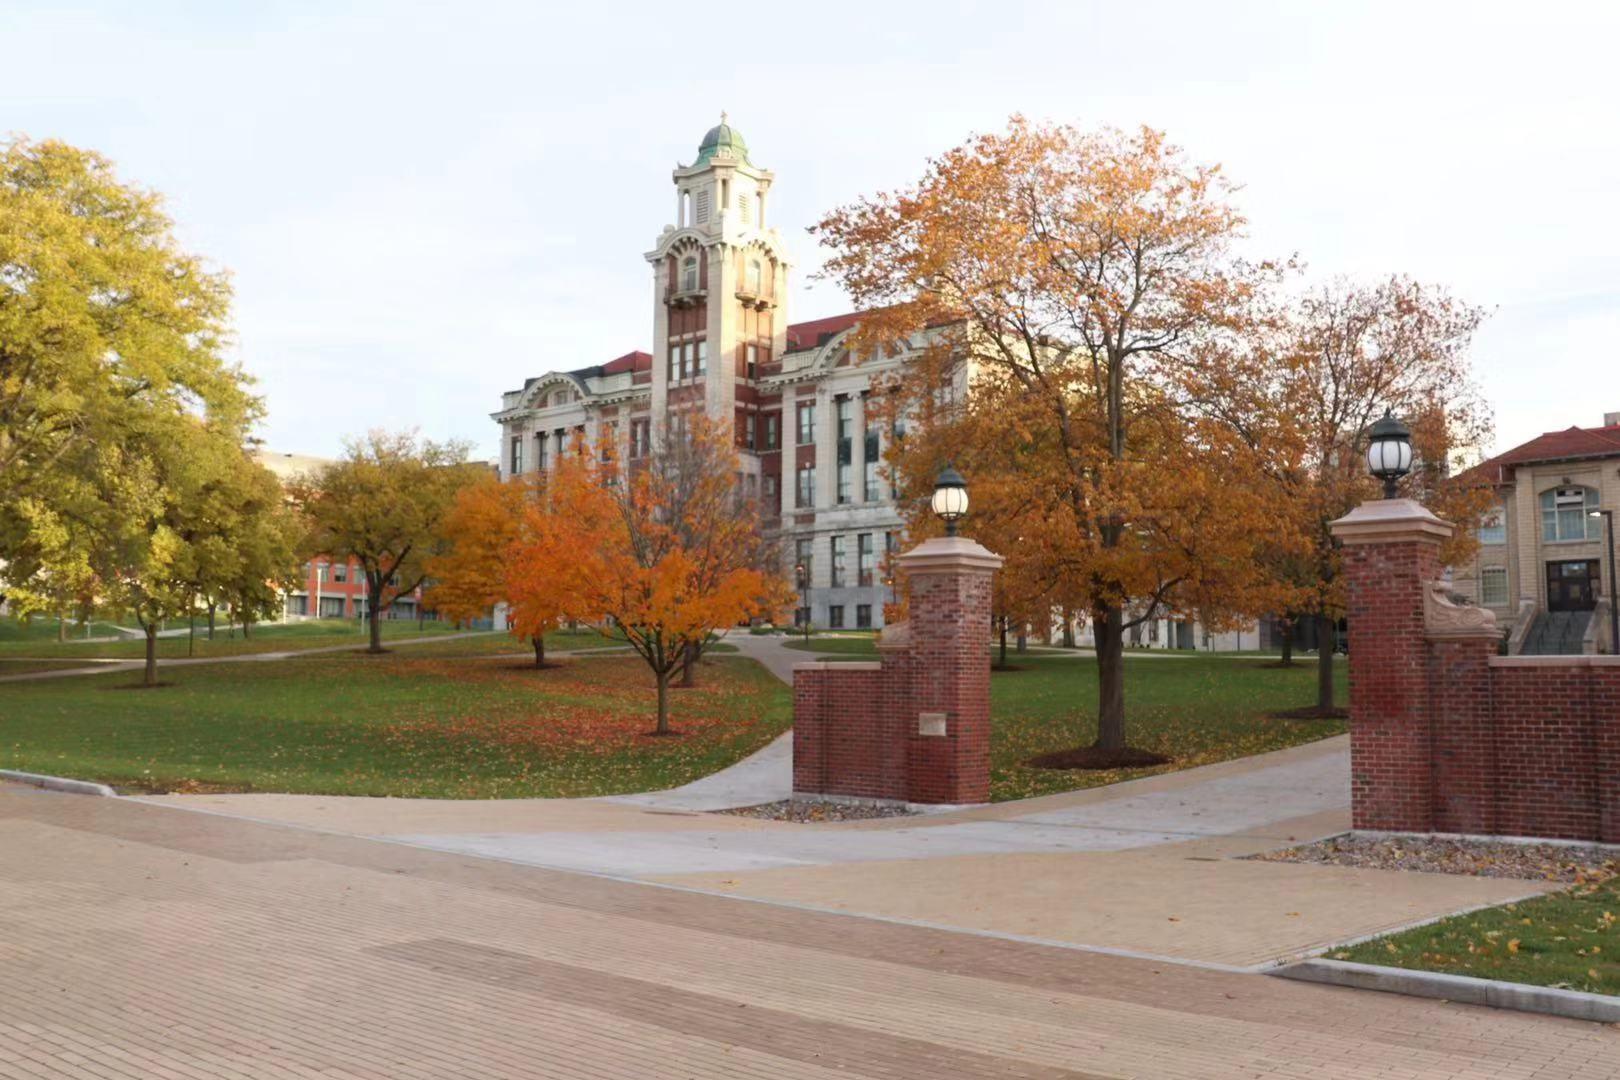 美国留学压力大,看看美国这些提供奖学金最多的大学!